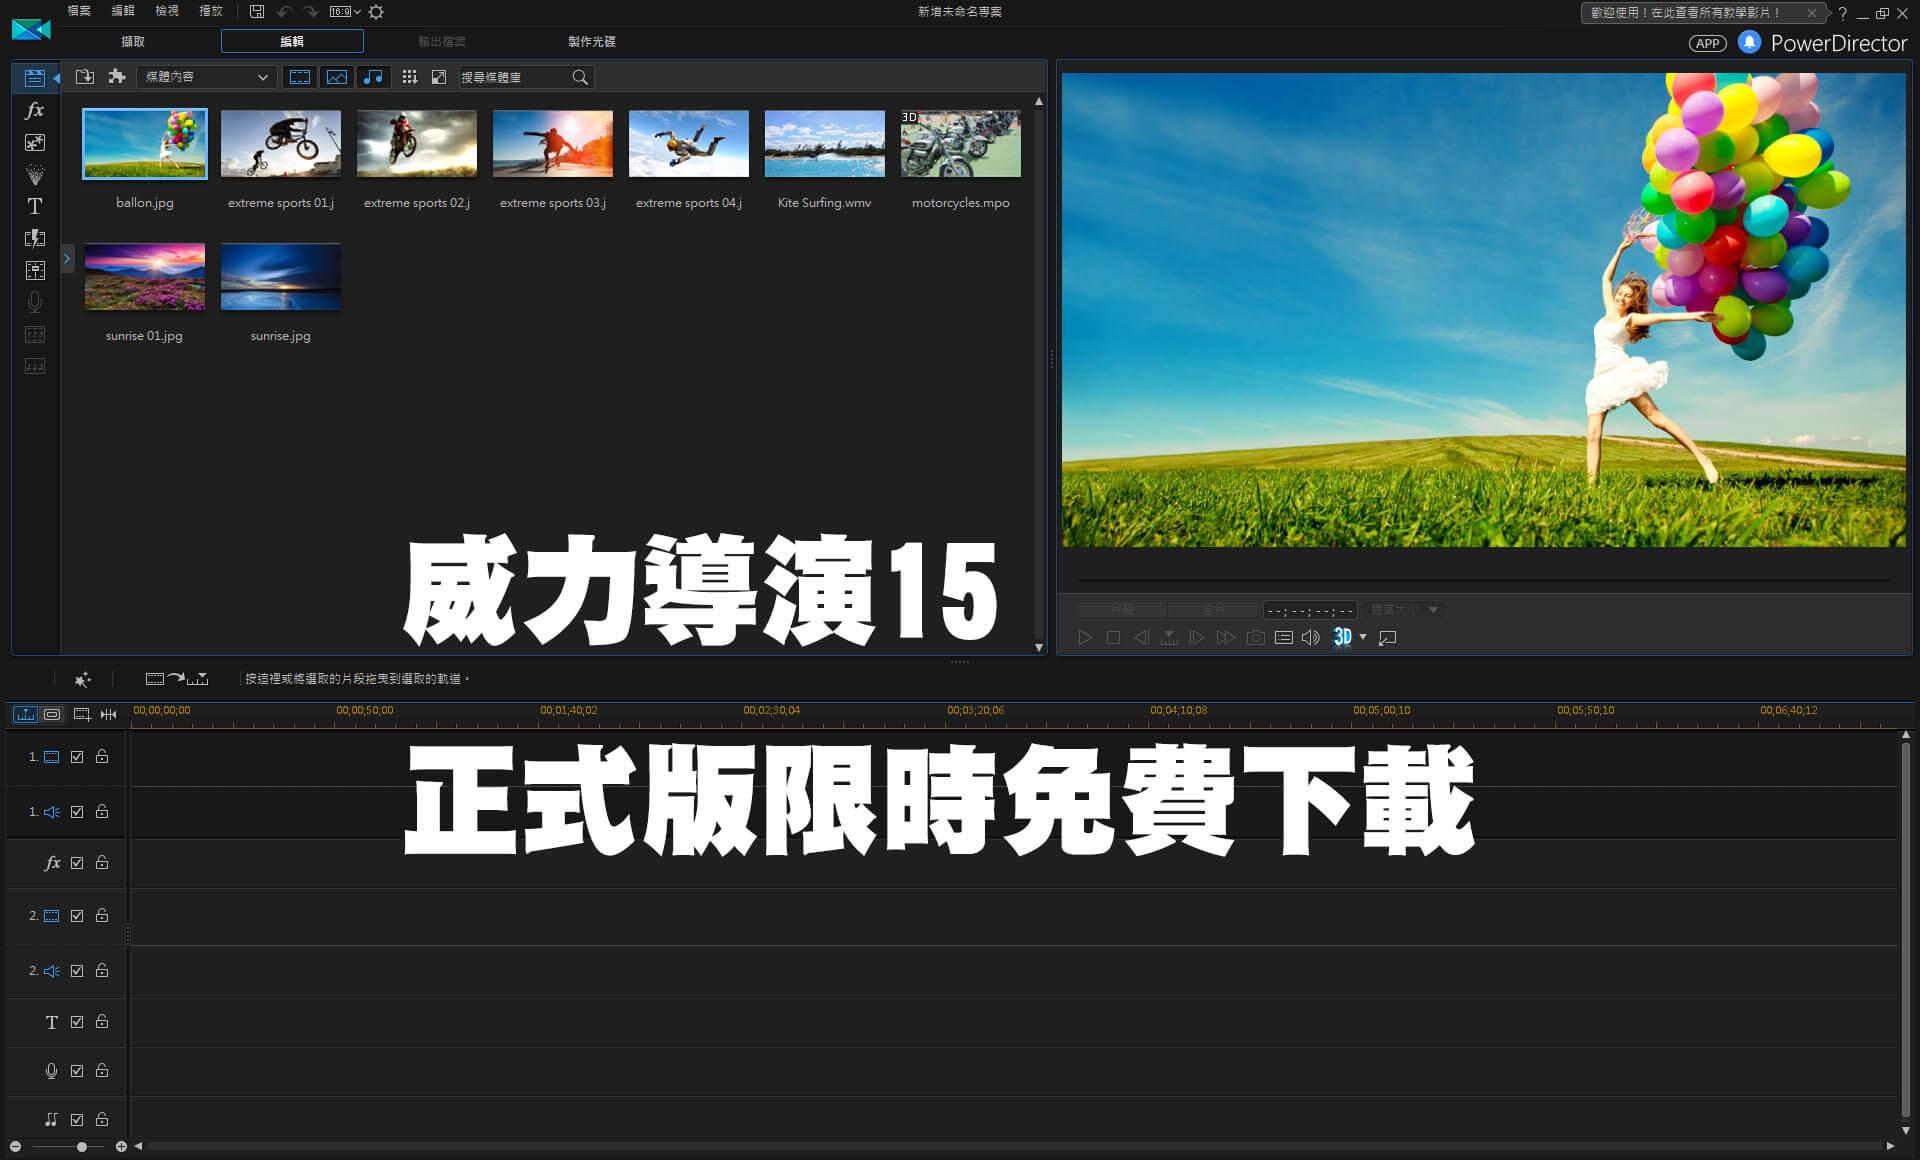 影片剪輯軟體「威力導演15」正版限時免費下載(含序號)